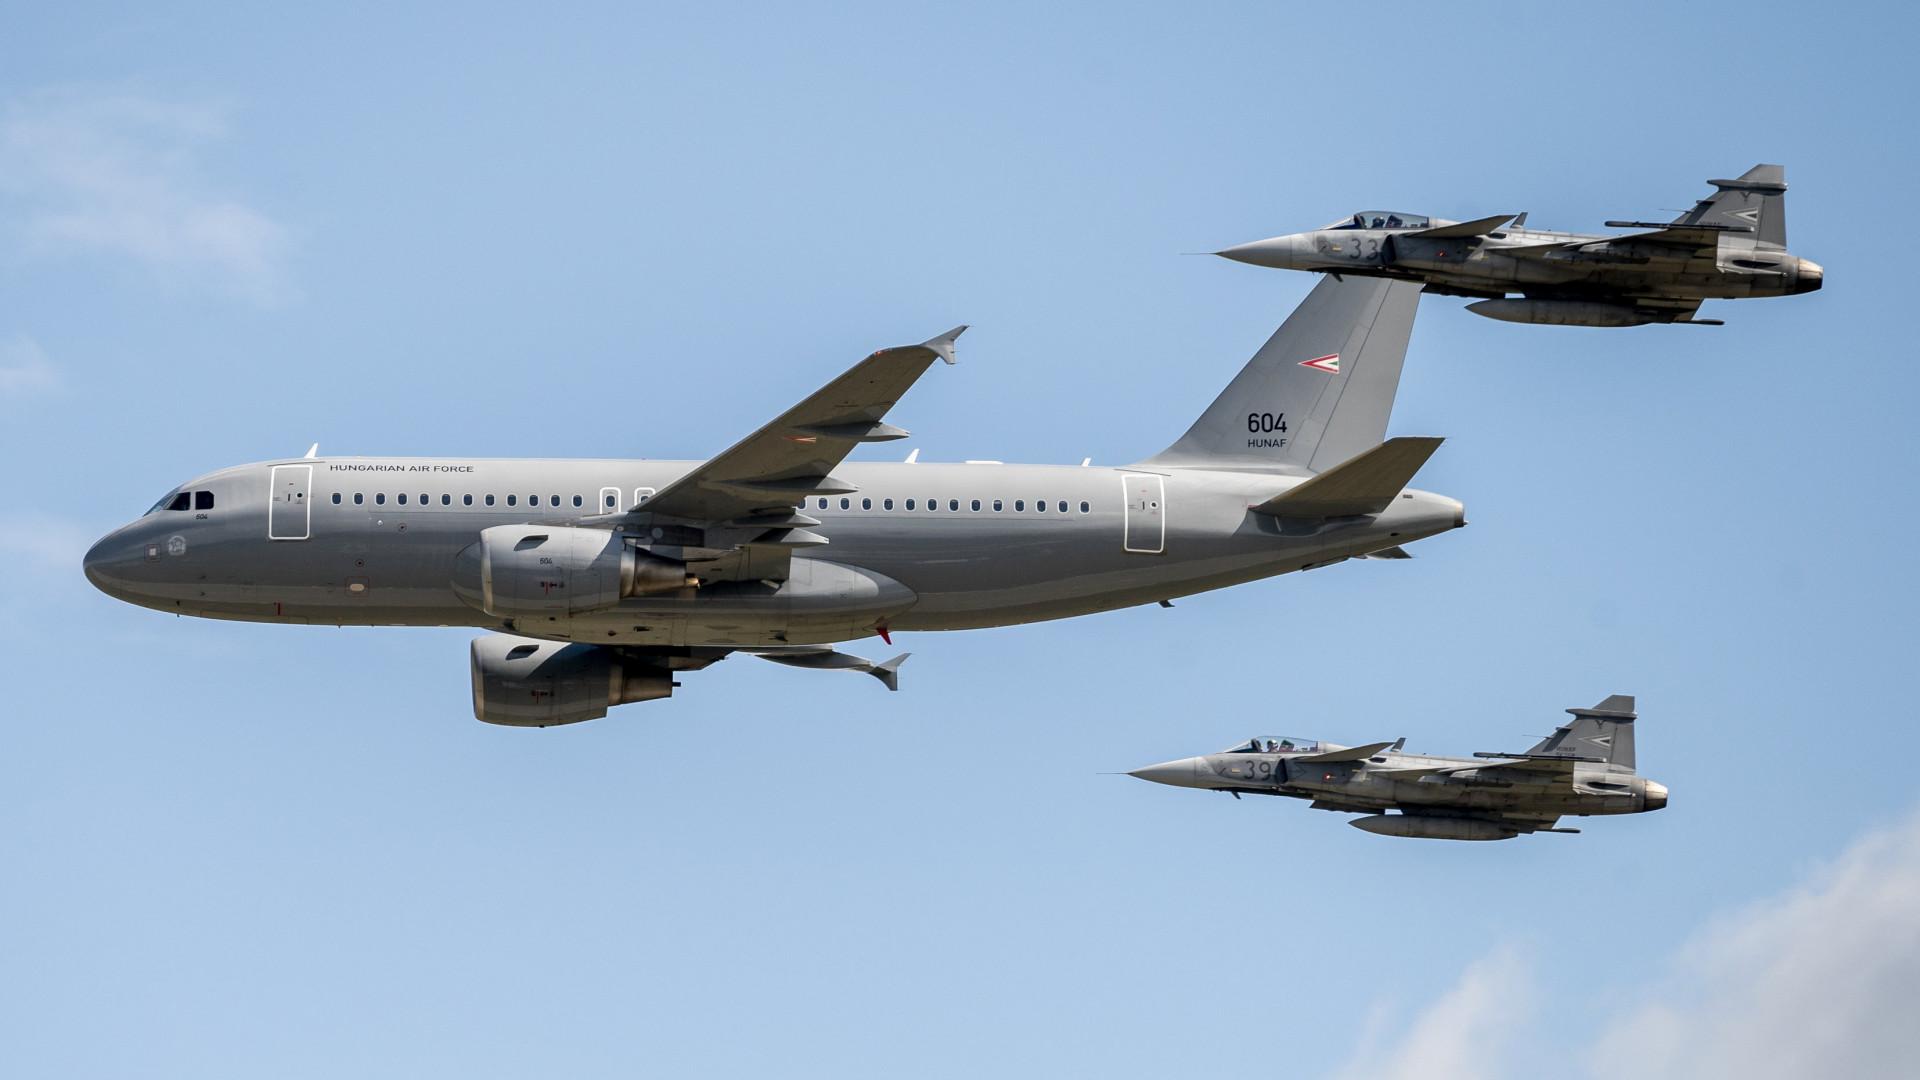 Megszületett a döntés: valóban el kell búcsúznunk a magyar Gripen vadászgépektől?